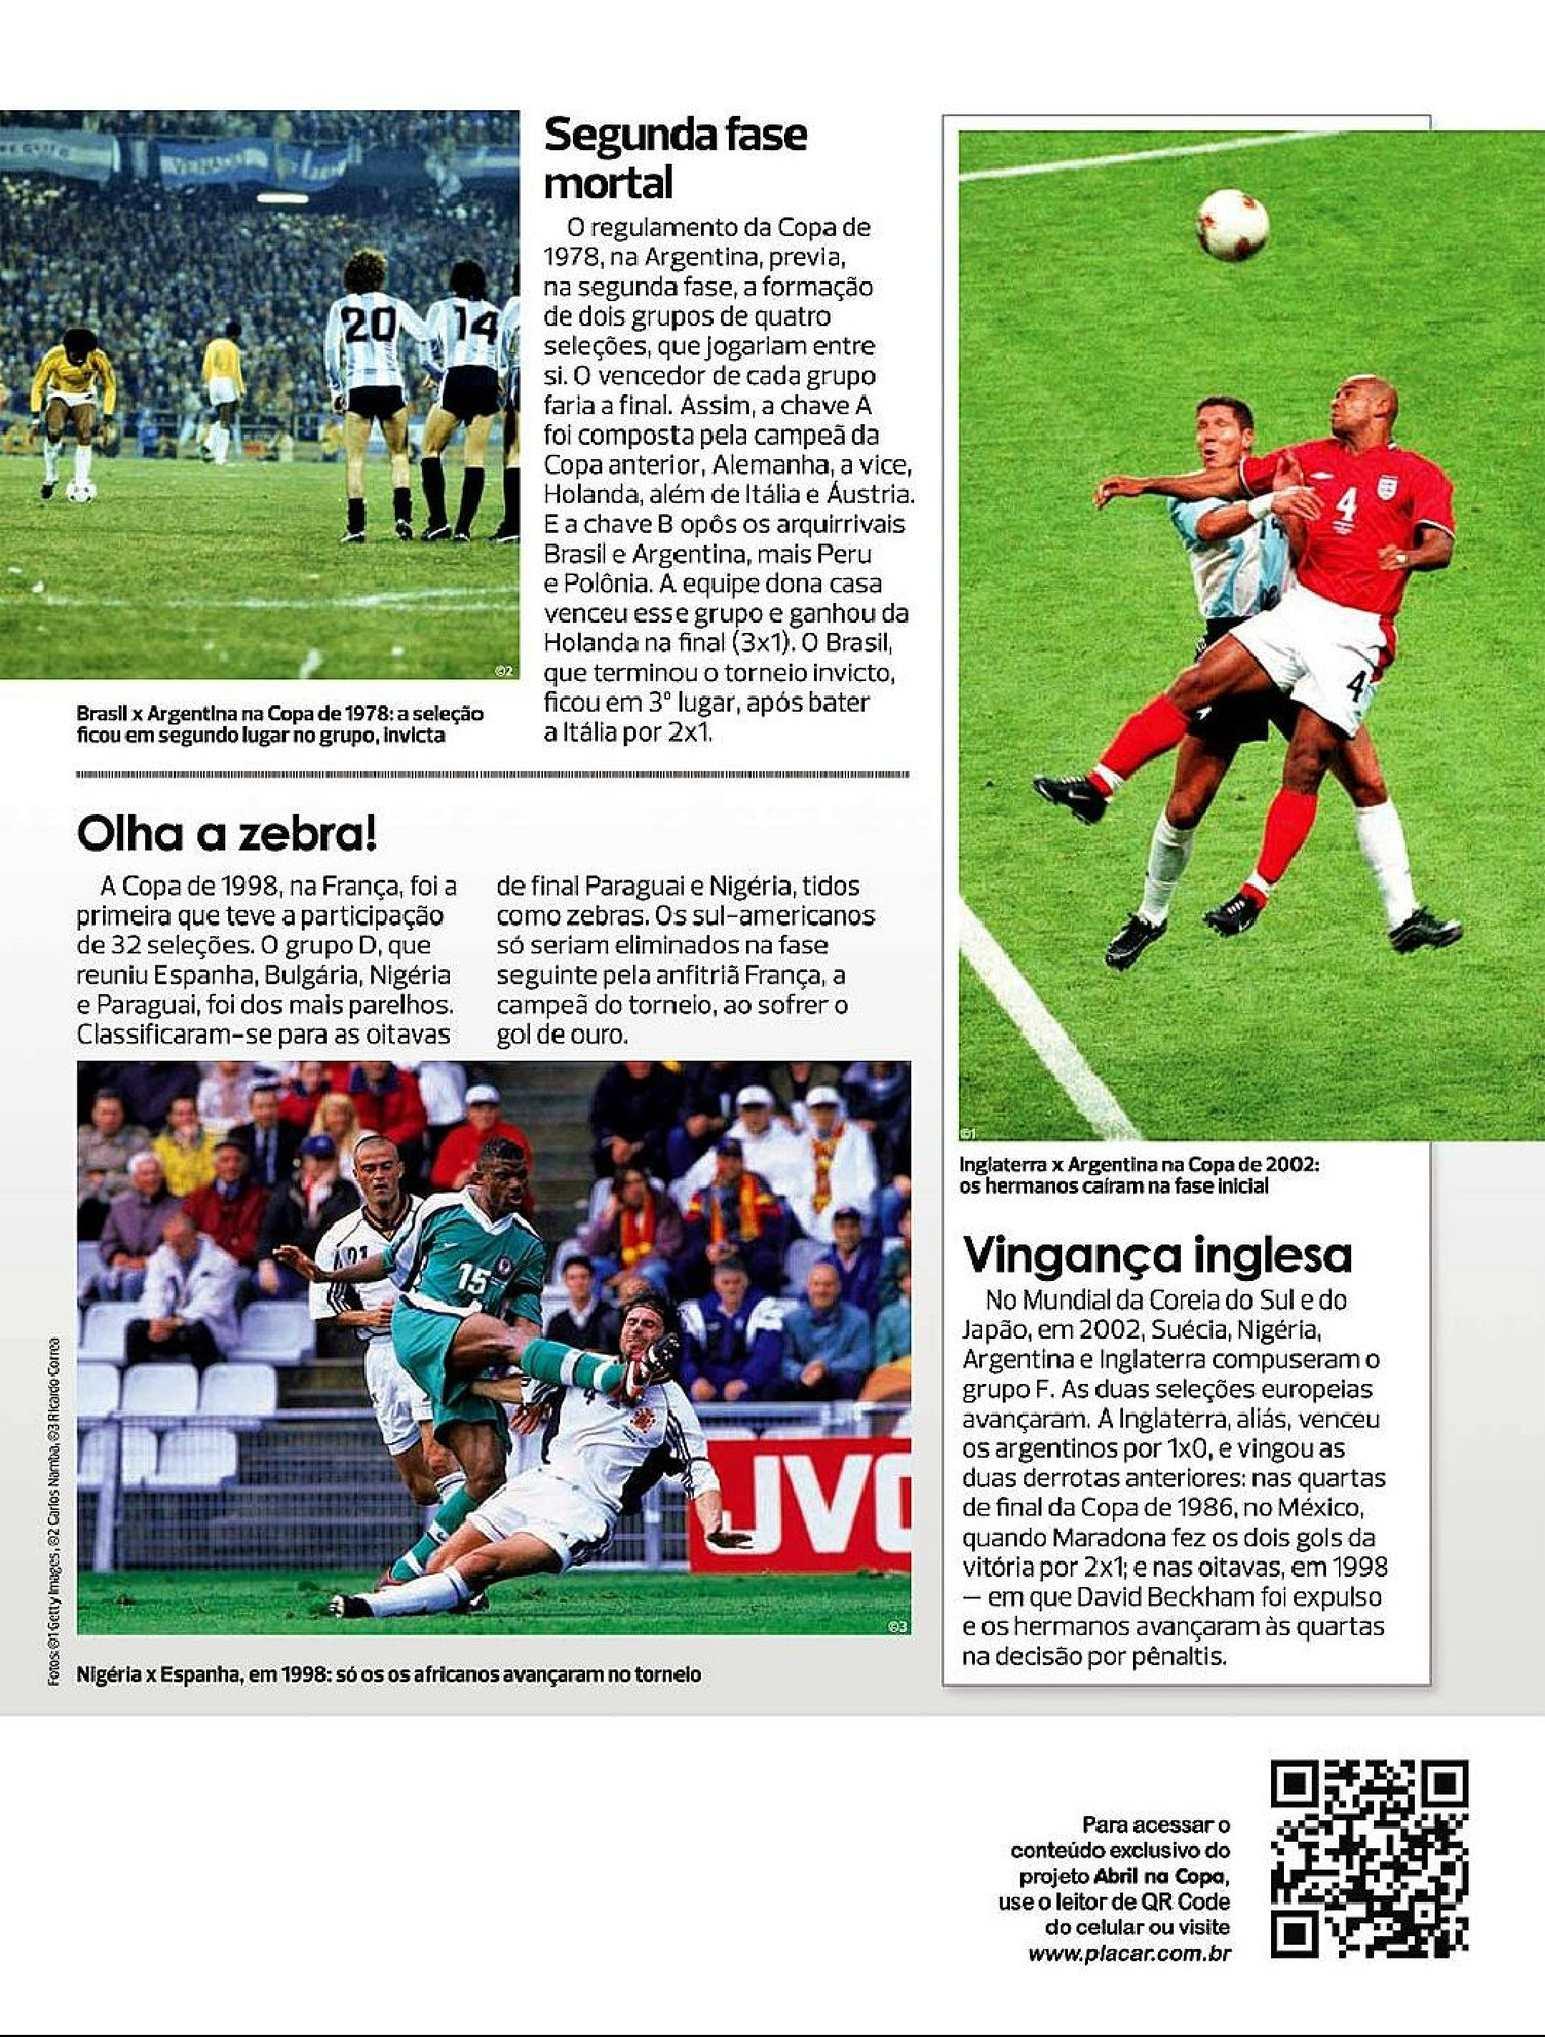 8289657515 Revista Veja - Suco Verde - CALAMEO Downloader